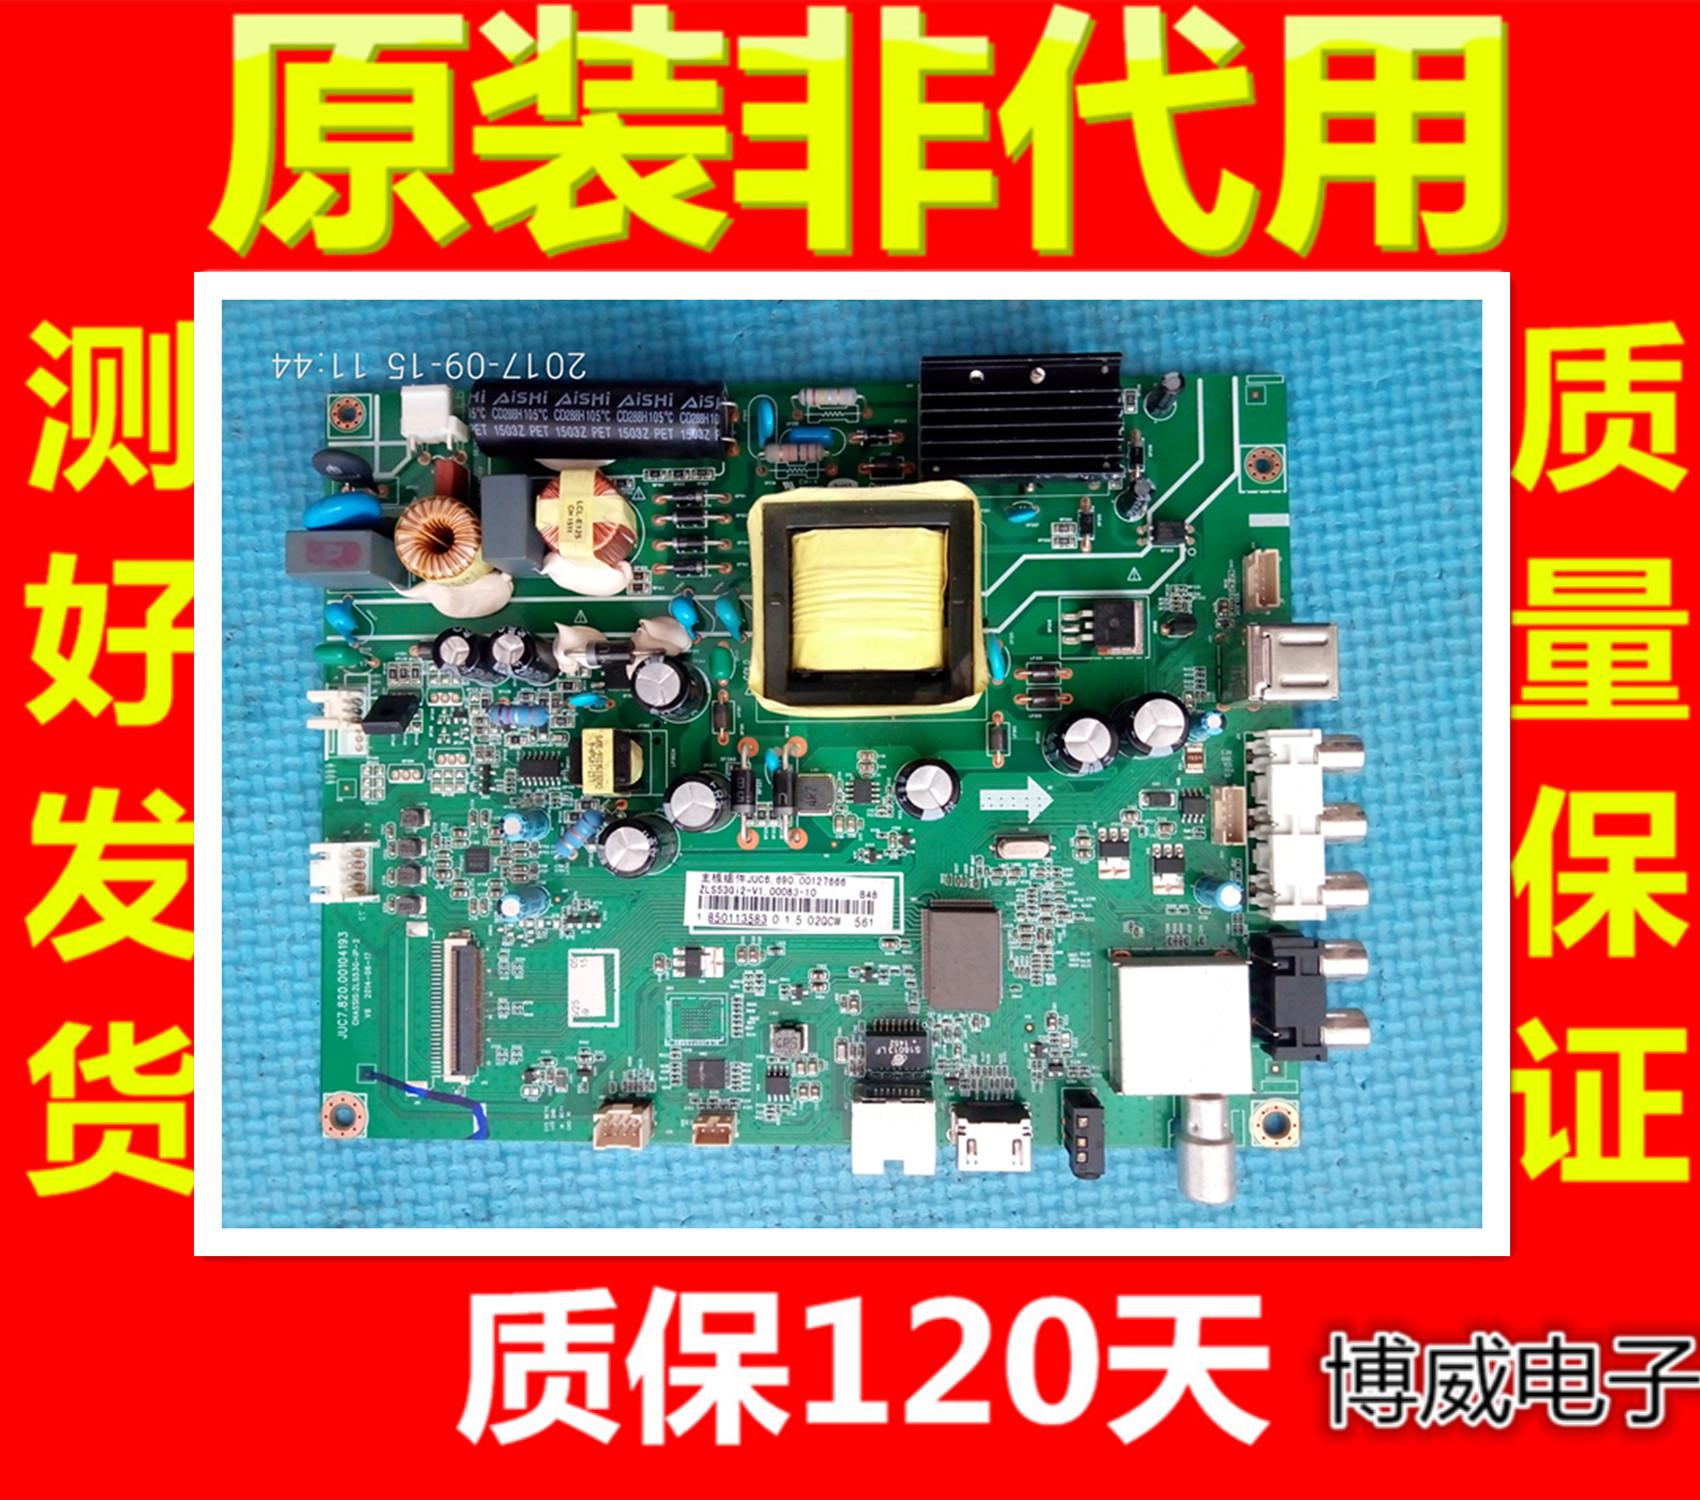 42 - calowy płaski telewizor lcd - chang 42D2000N ZML66 wysokiego napięcia zasilania oświetlenia głównego zarządu